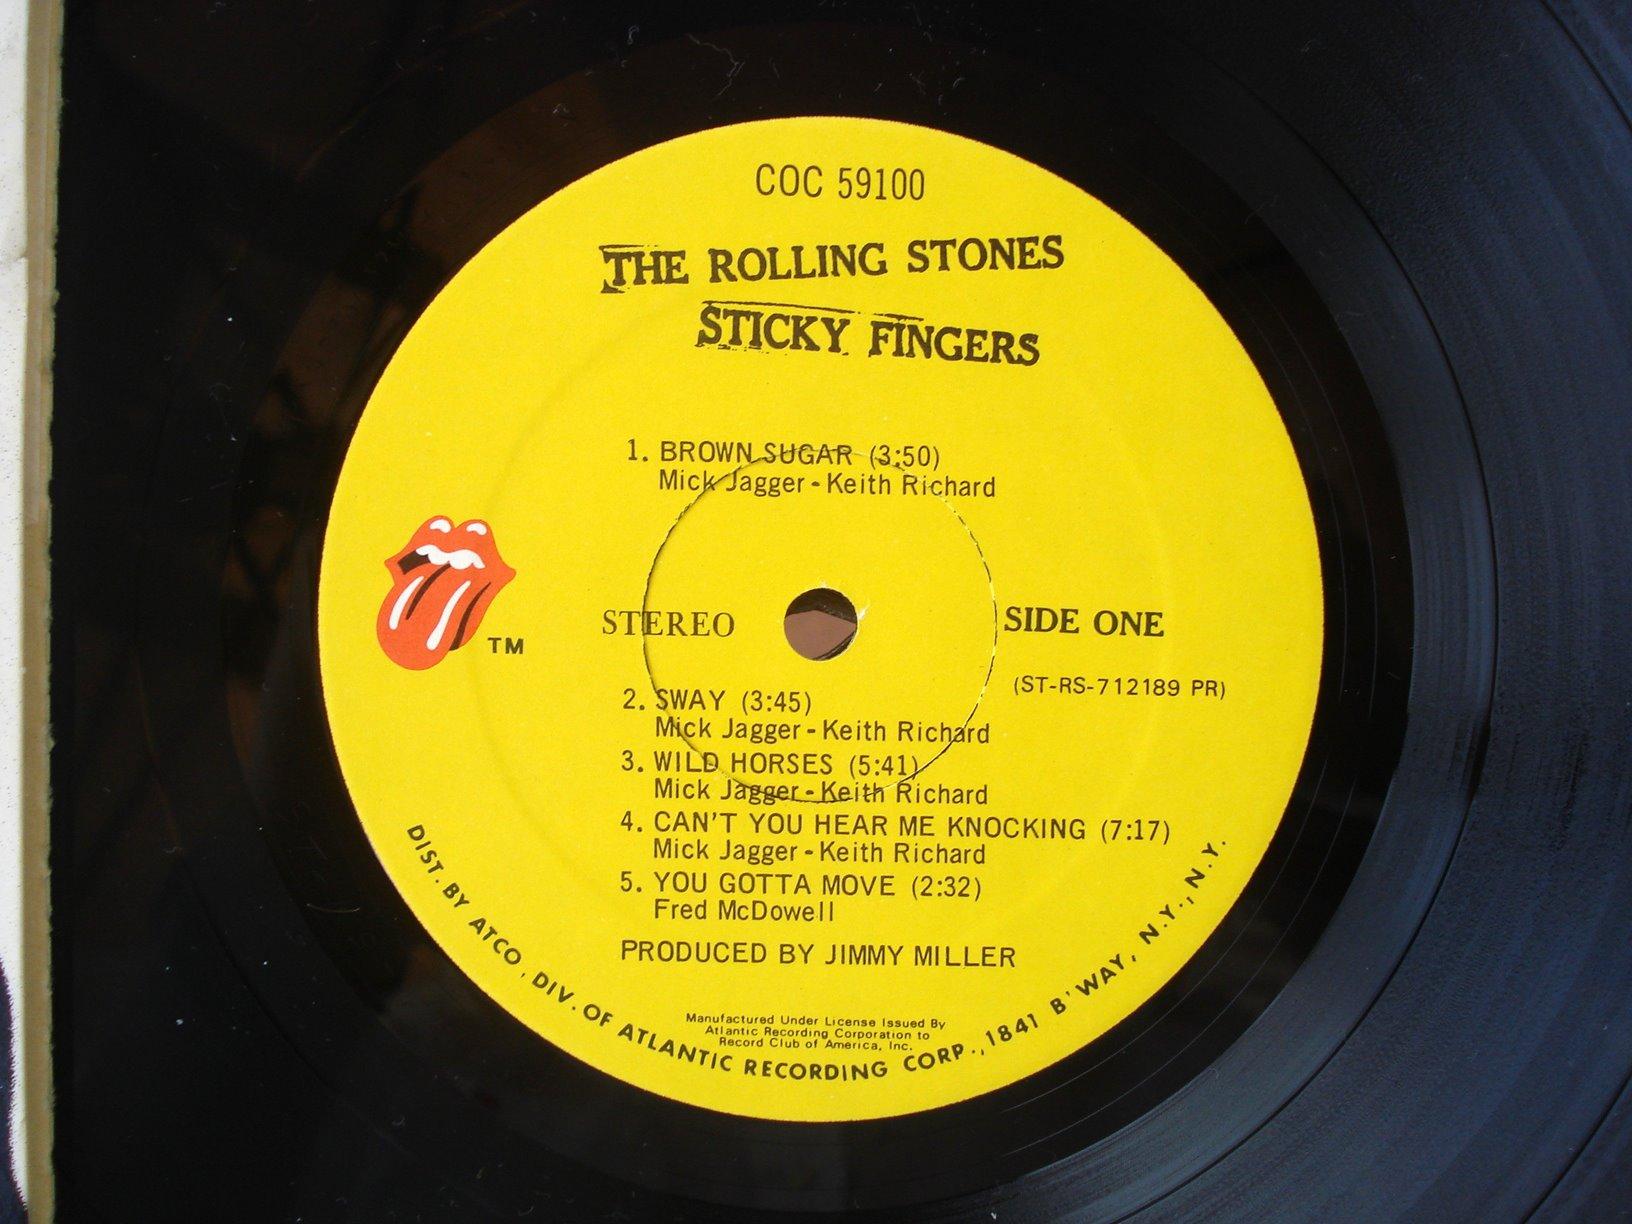 Rolling Stones Azio Media Rare Books Vinyl